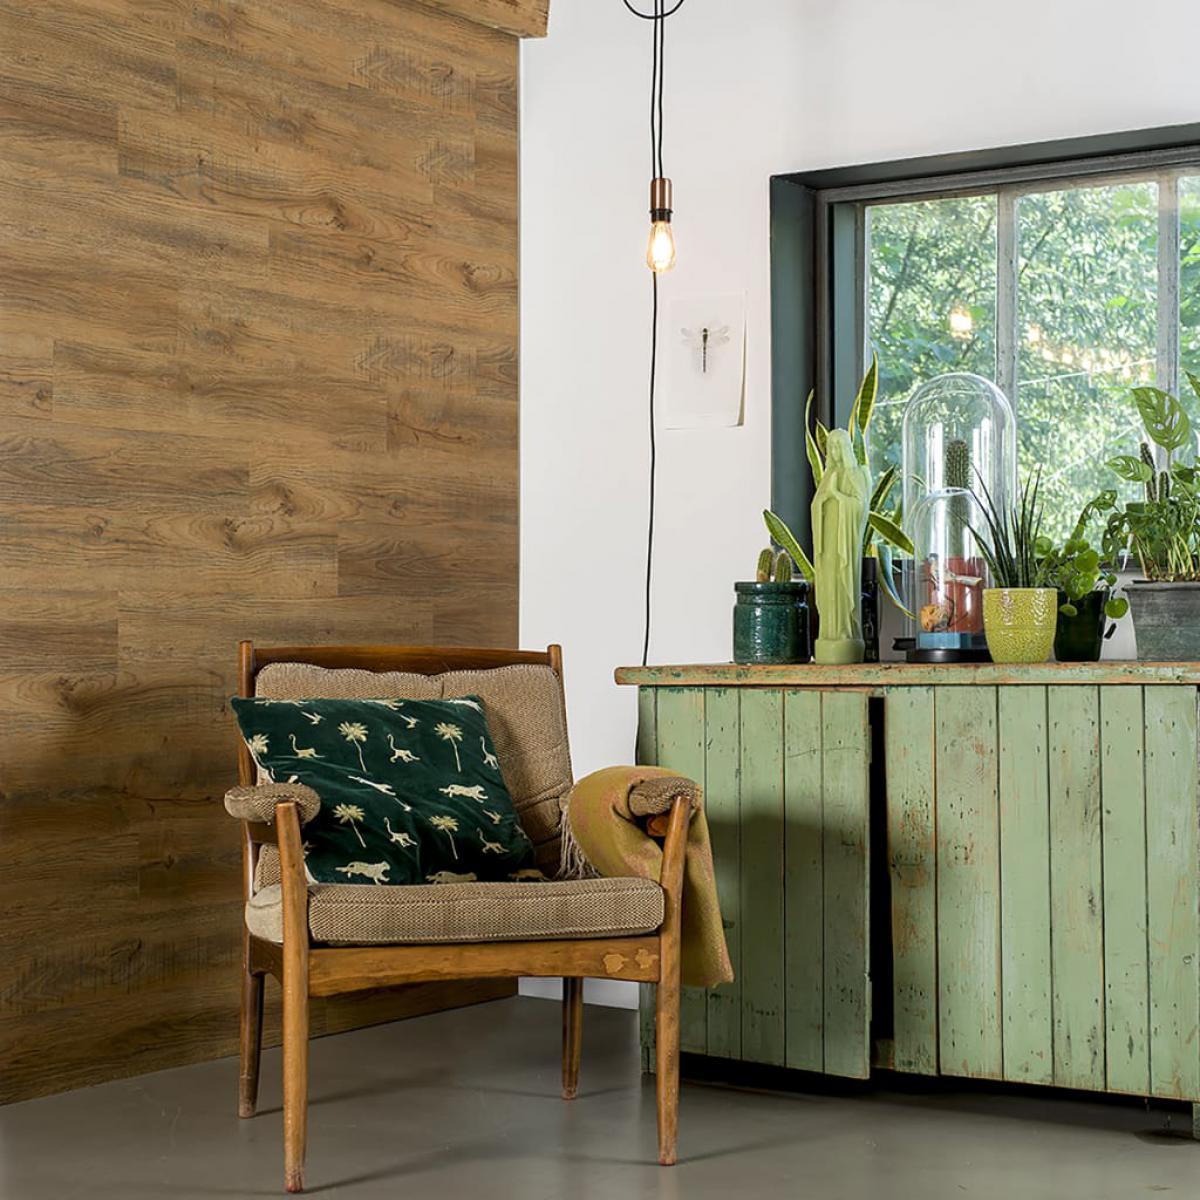 Wallart WallArt Planches d'aspect de bois Chêne de récupération Marron rouille